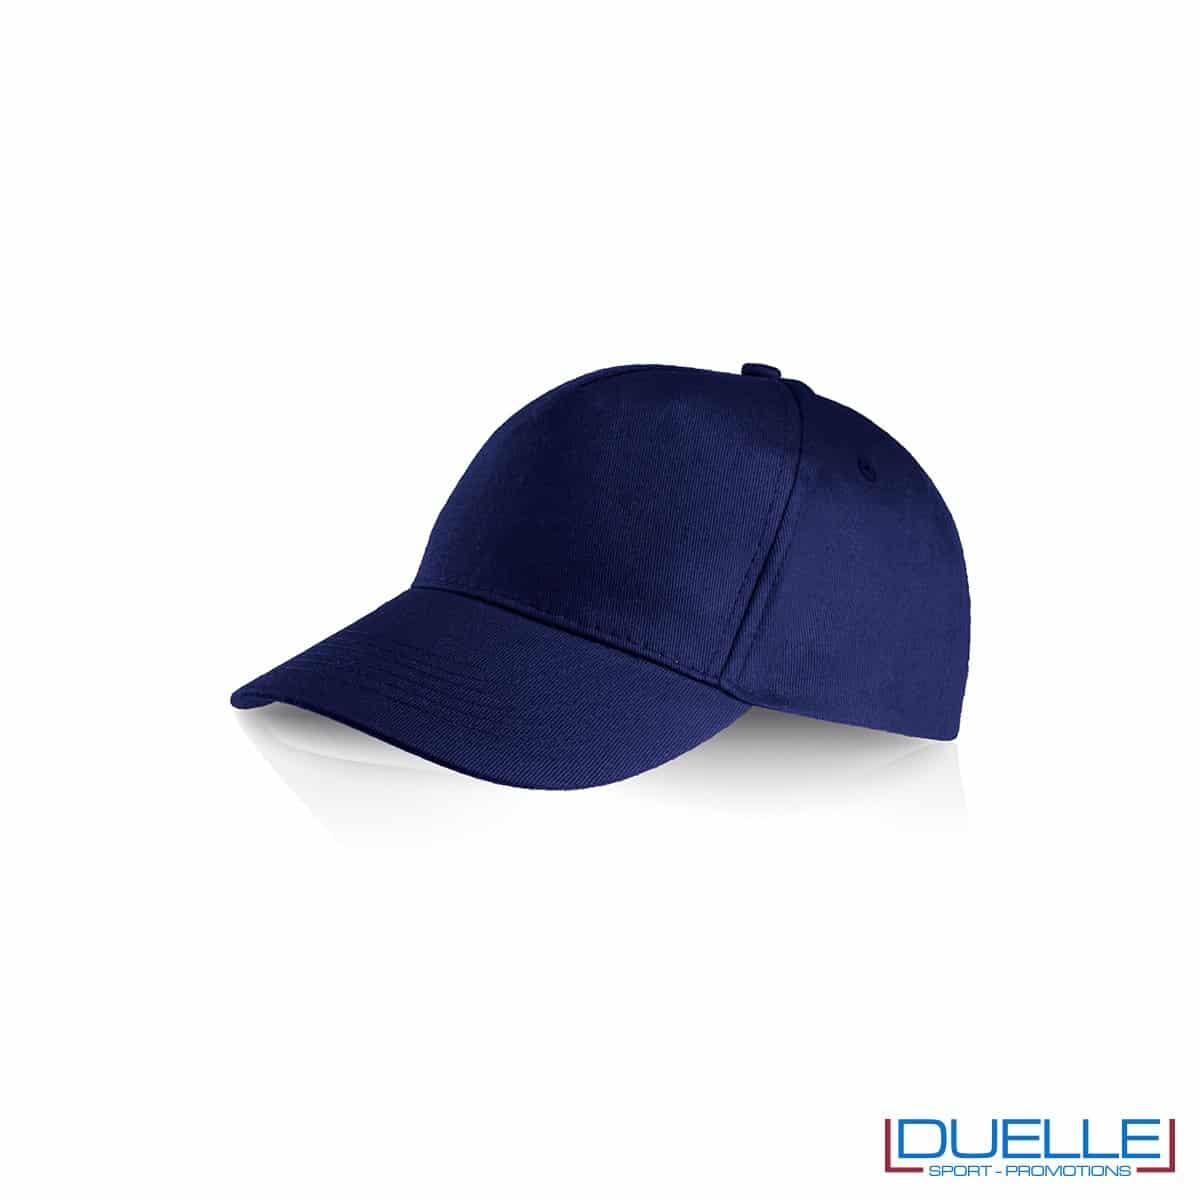 Cappellino personalizzato cotone blu navy, cappellini promozionali baseball, cappellini baseball personalizzati blu navy